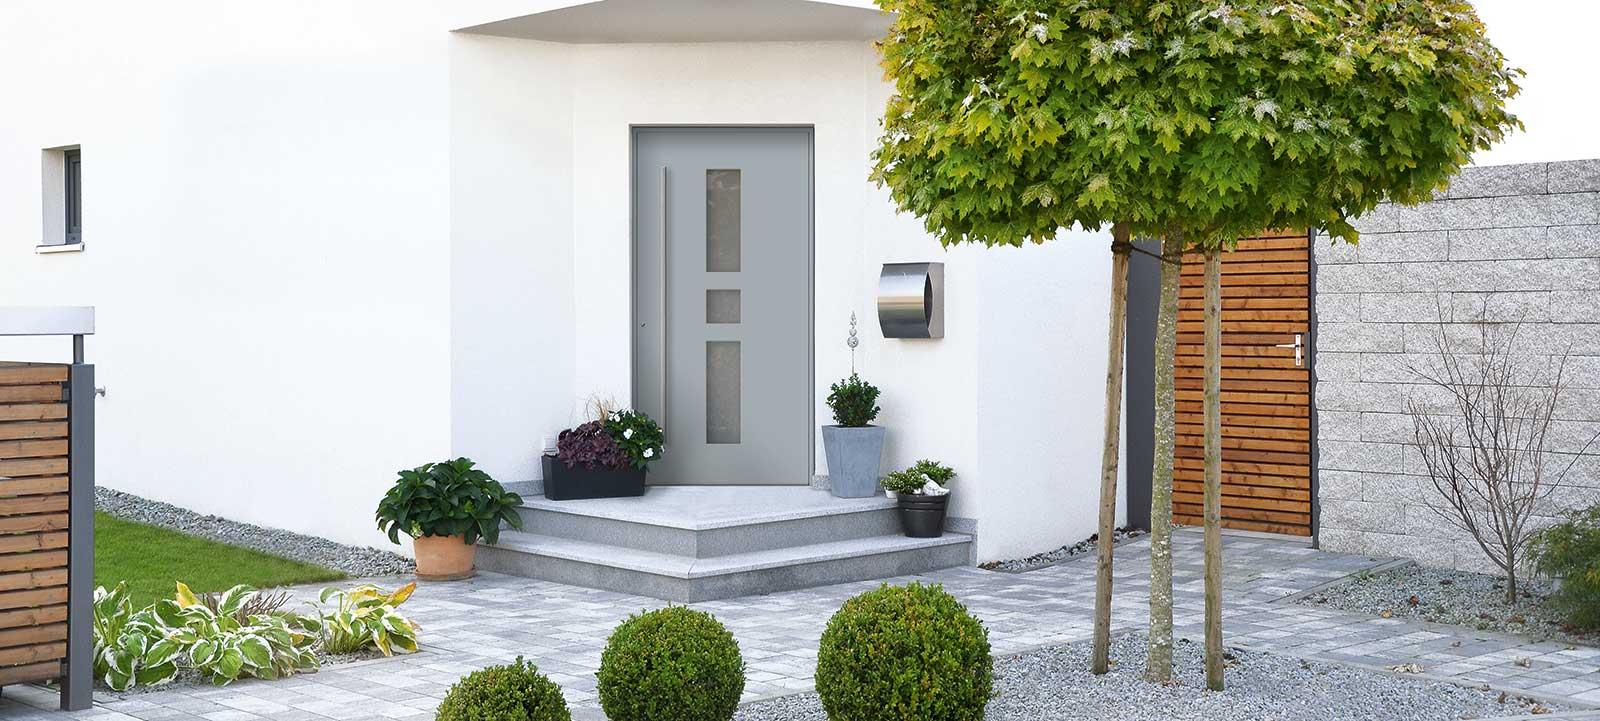 Bauelemente - Heim Fensterbau